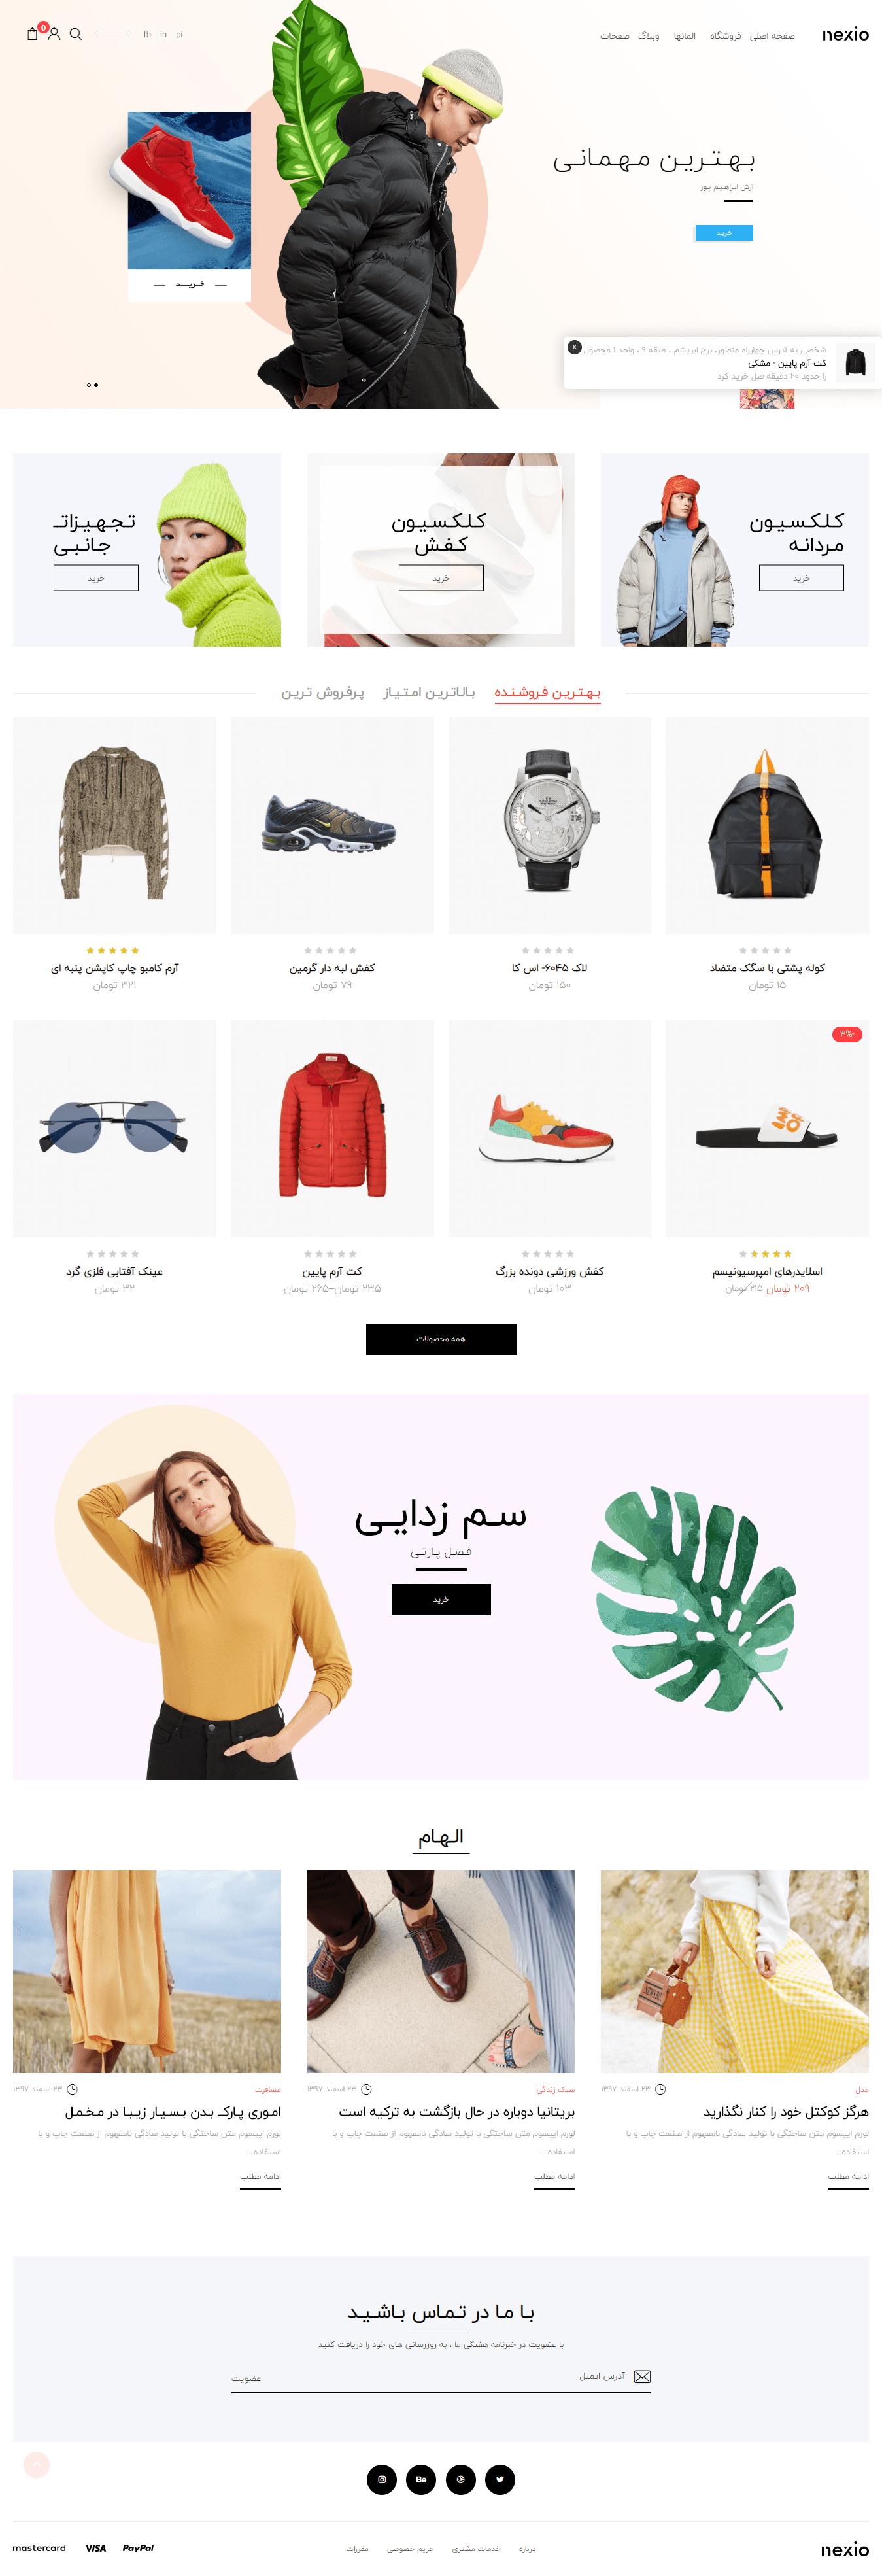 قالب Nexio پوسته فروشگاهی وردپرس 20 طرح برای صفحه اصلی